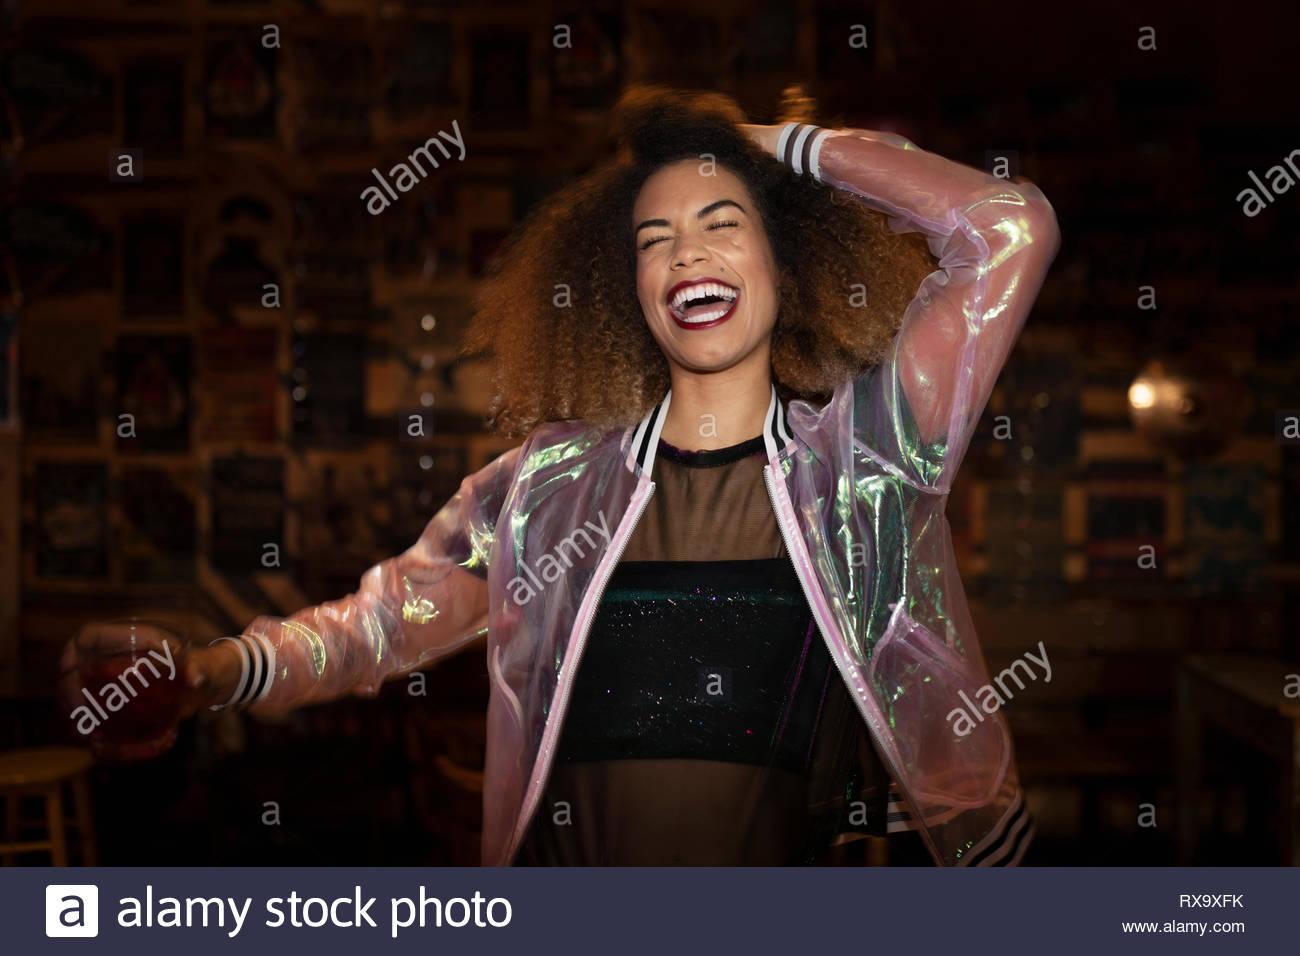 Lachen, quirlige junge Frau trinkt Cocktail in Nachtclub Stockbild